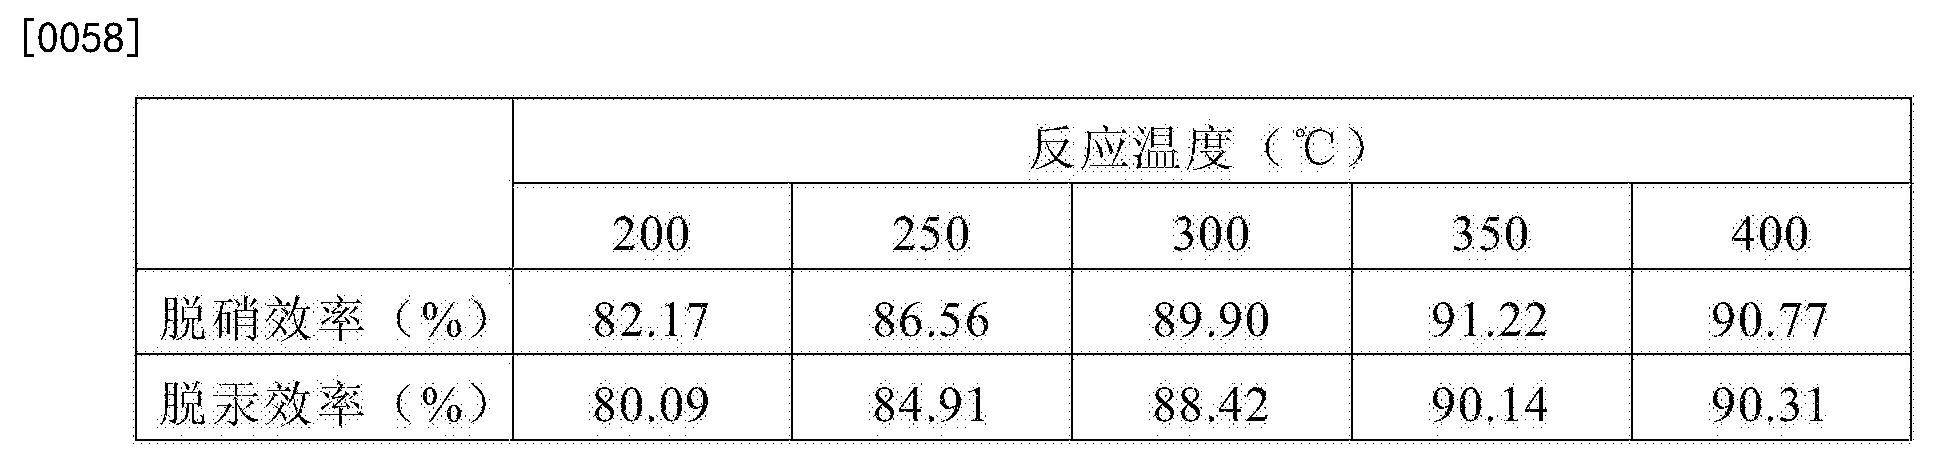 Figure CN104888806BD00071